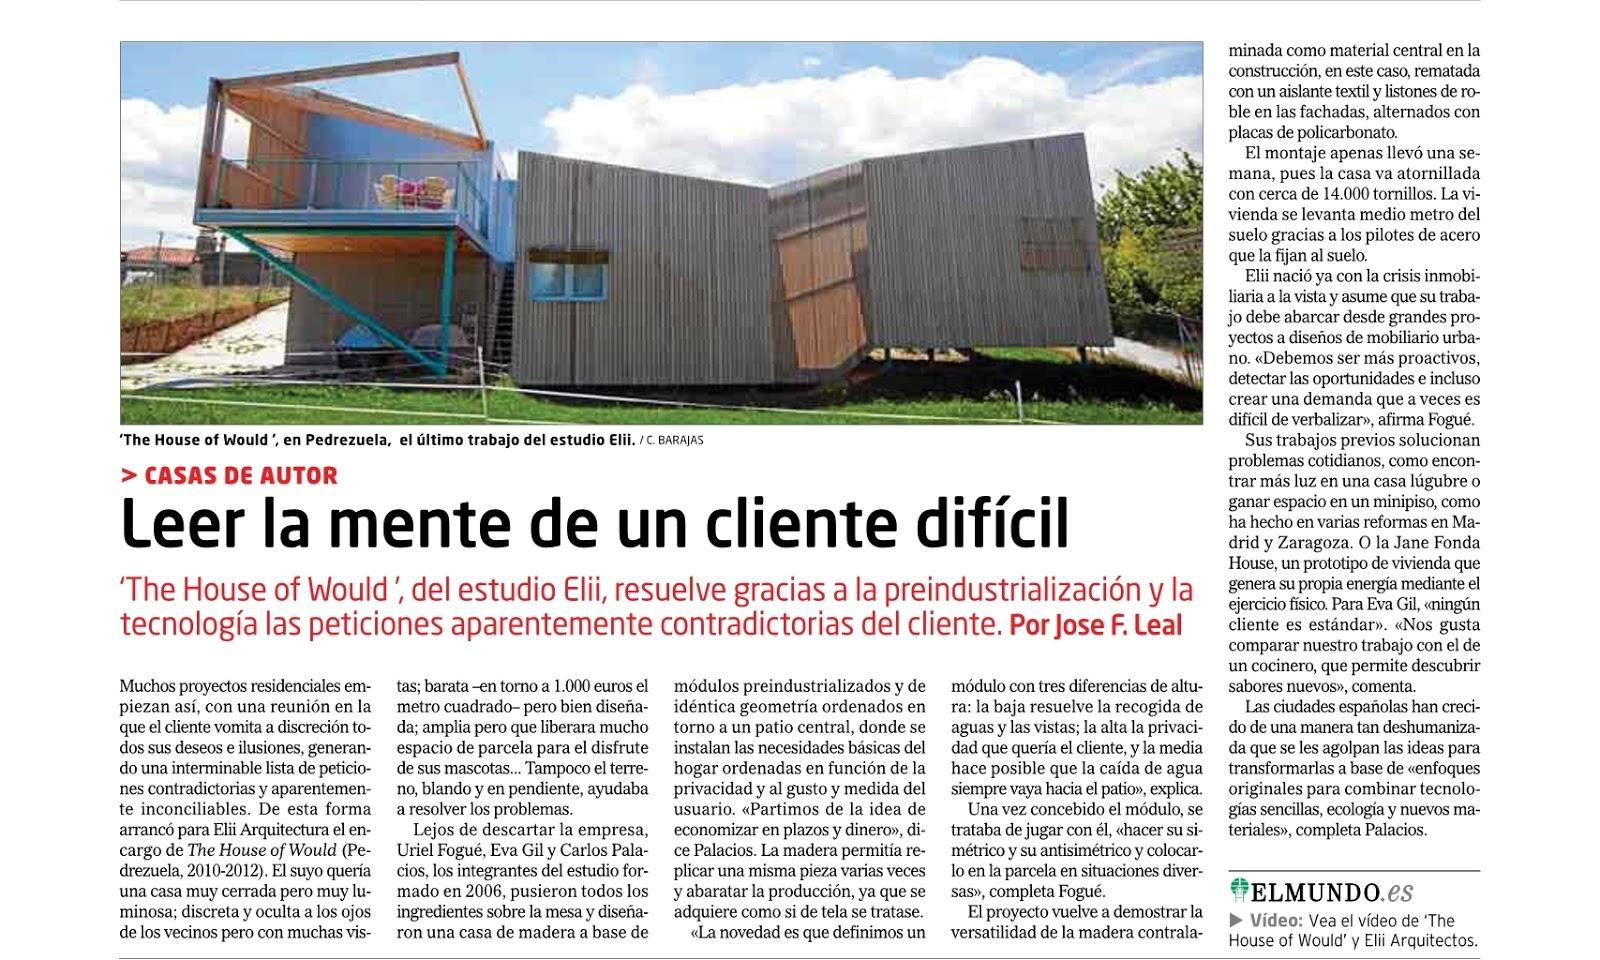 el dise o interior 2 articulos sobre arquitectura